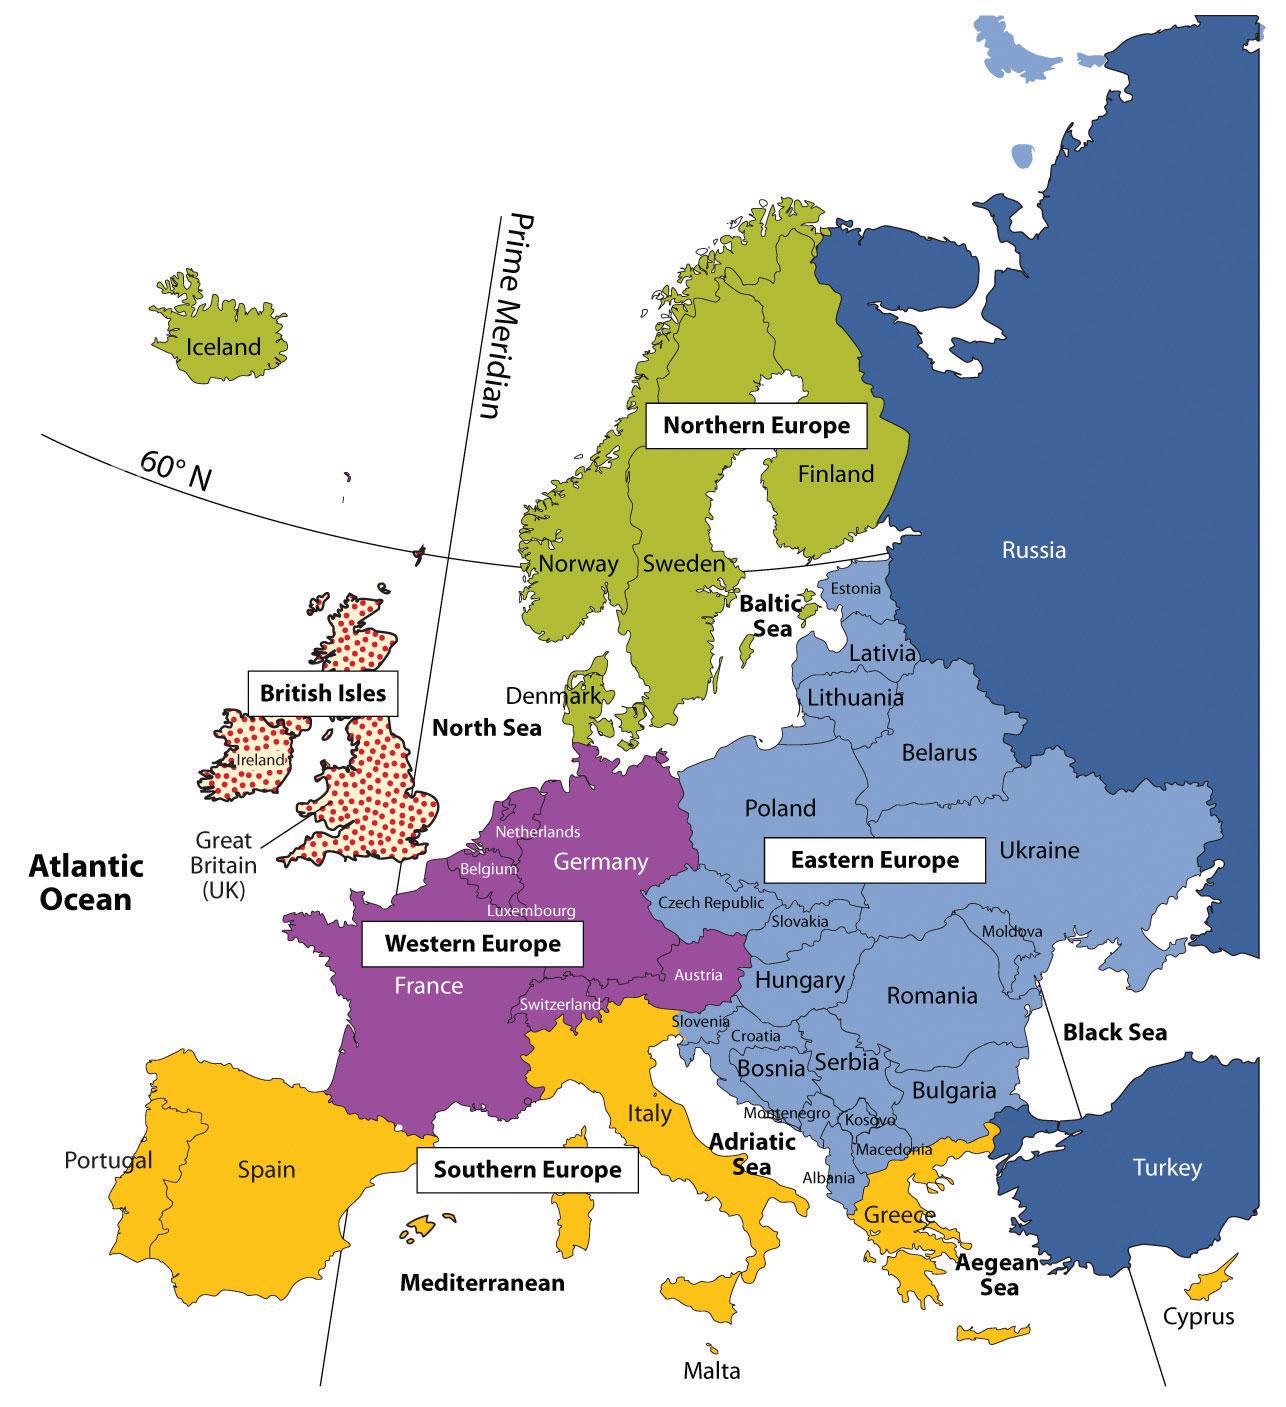 Regions of Western Europe